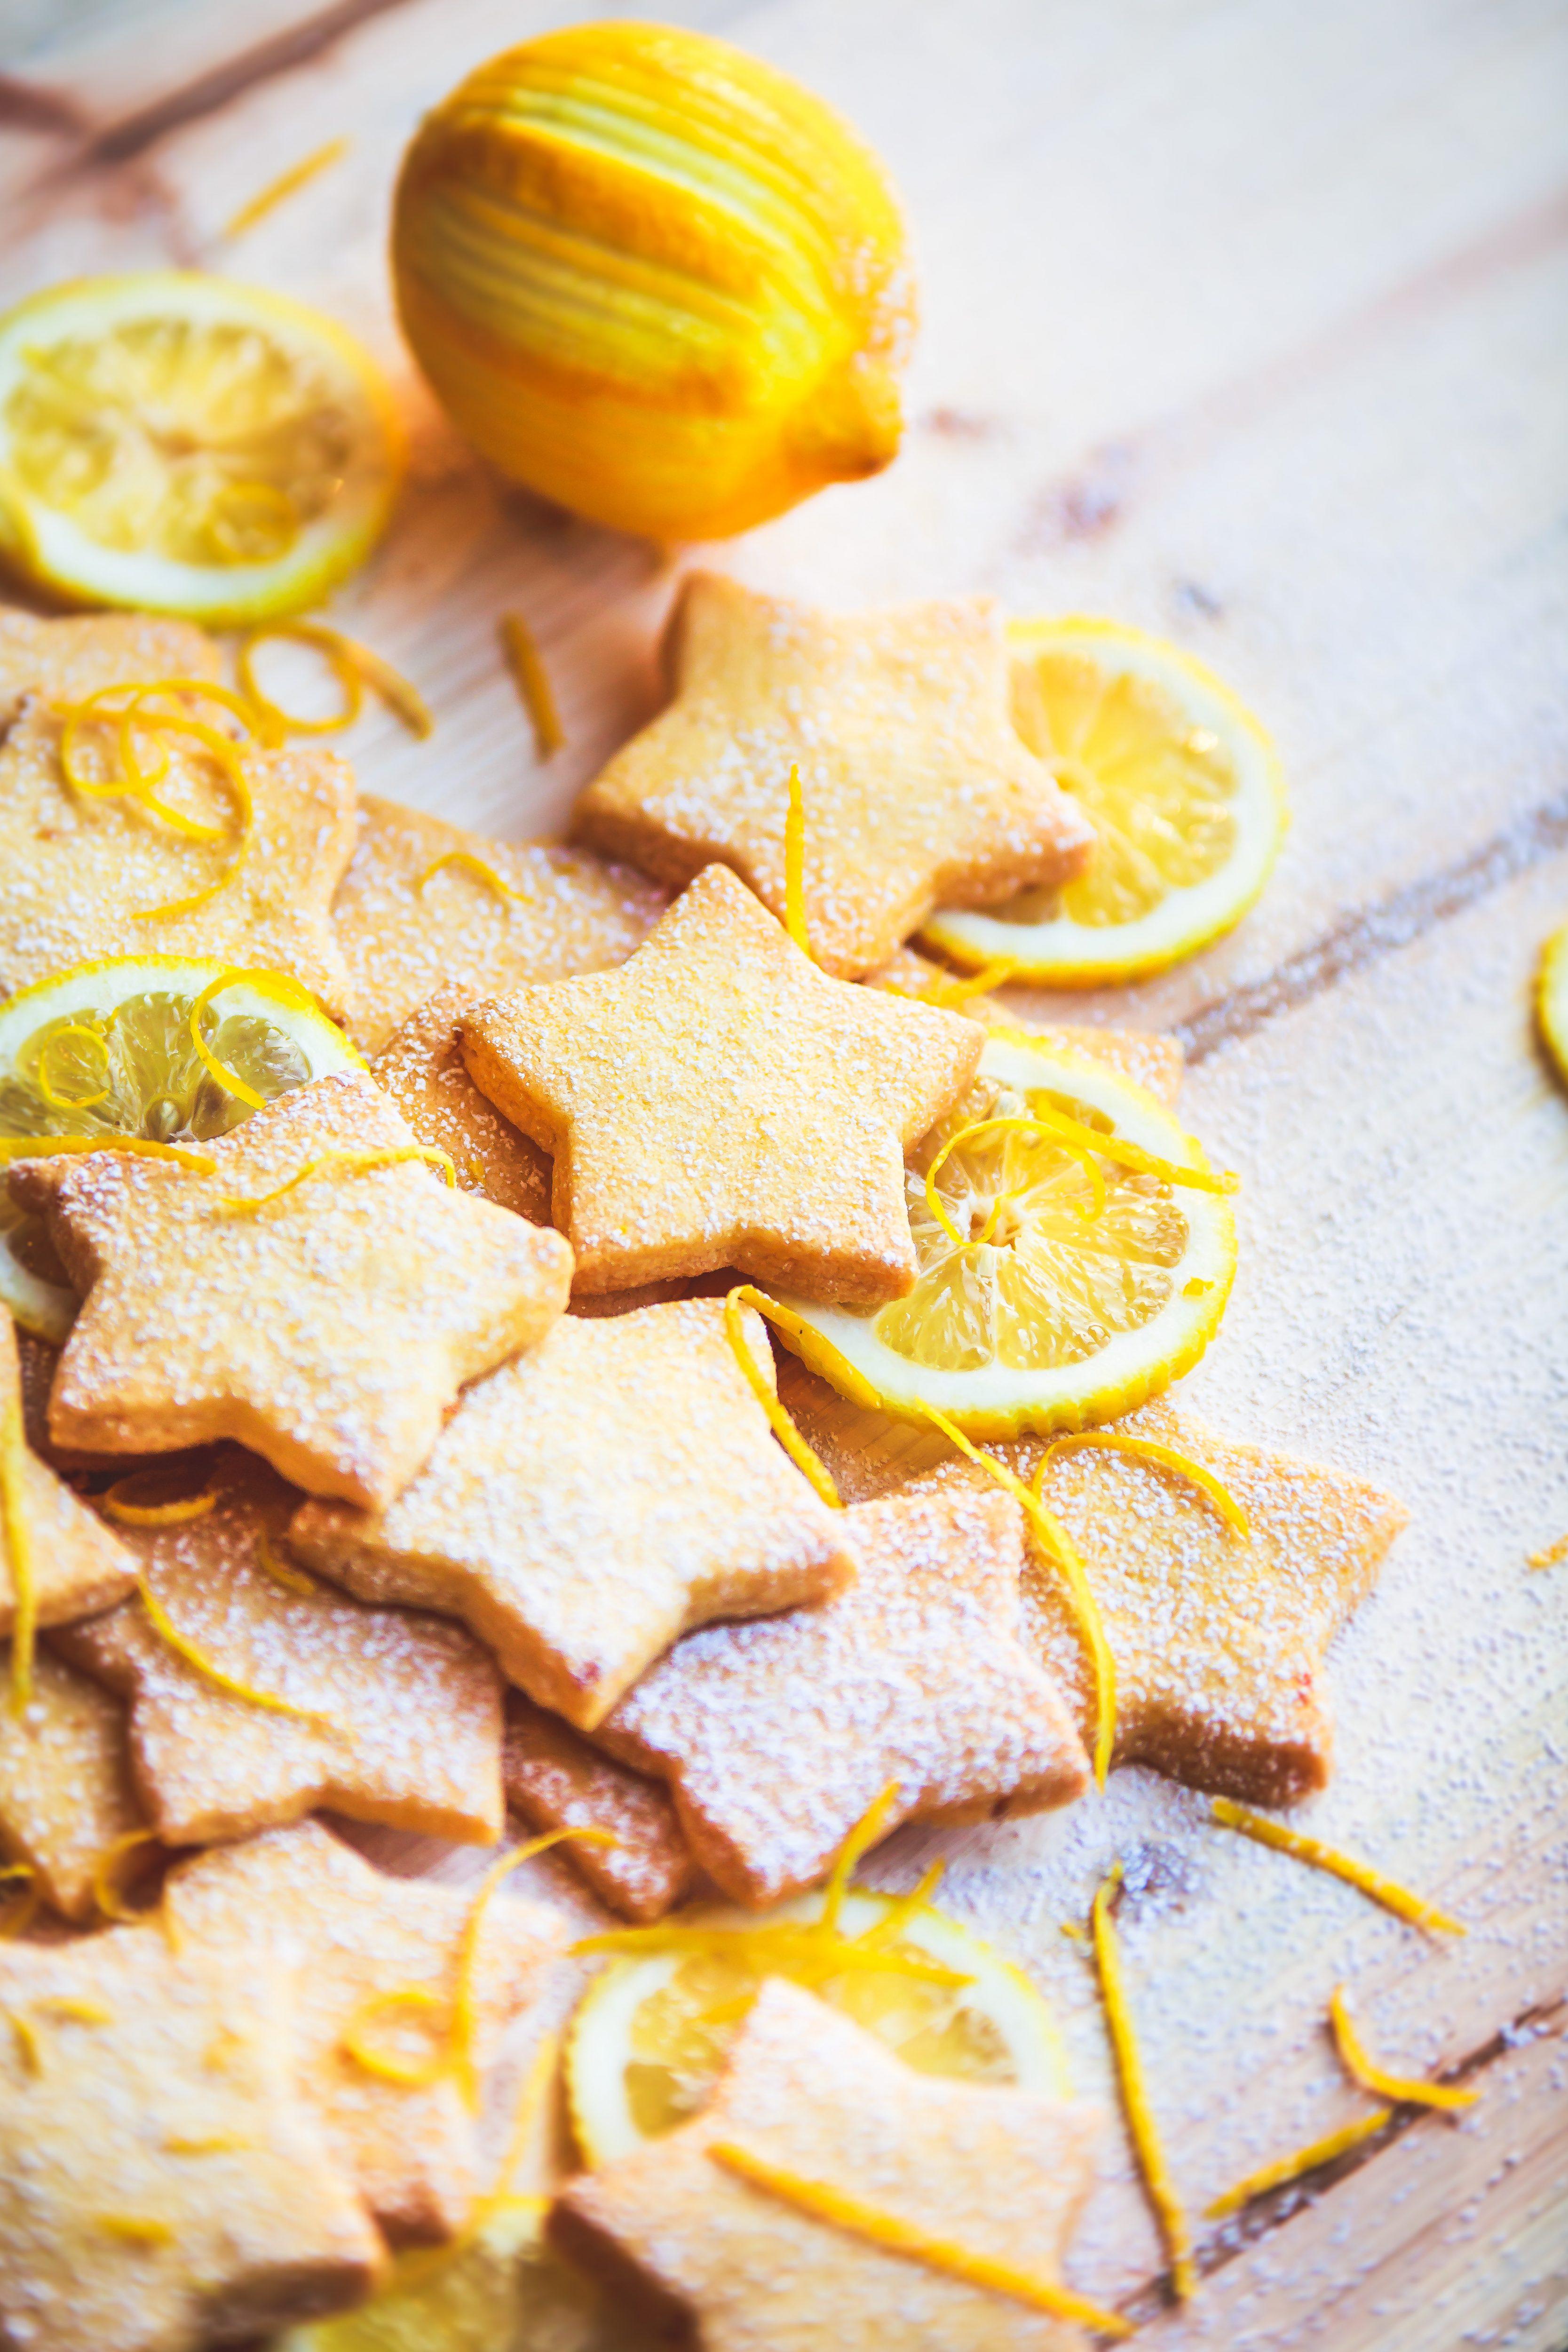 Recette facile Biscuits au citron Photos Culinaire